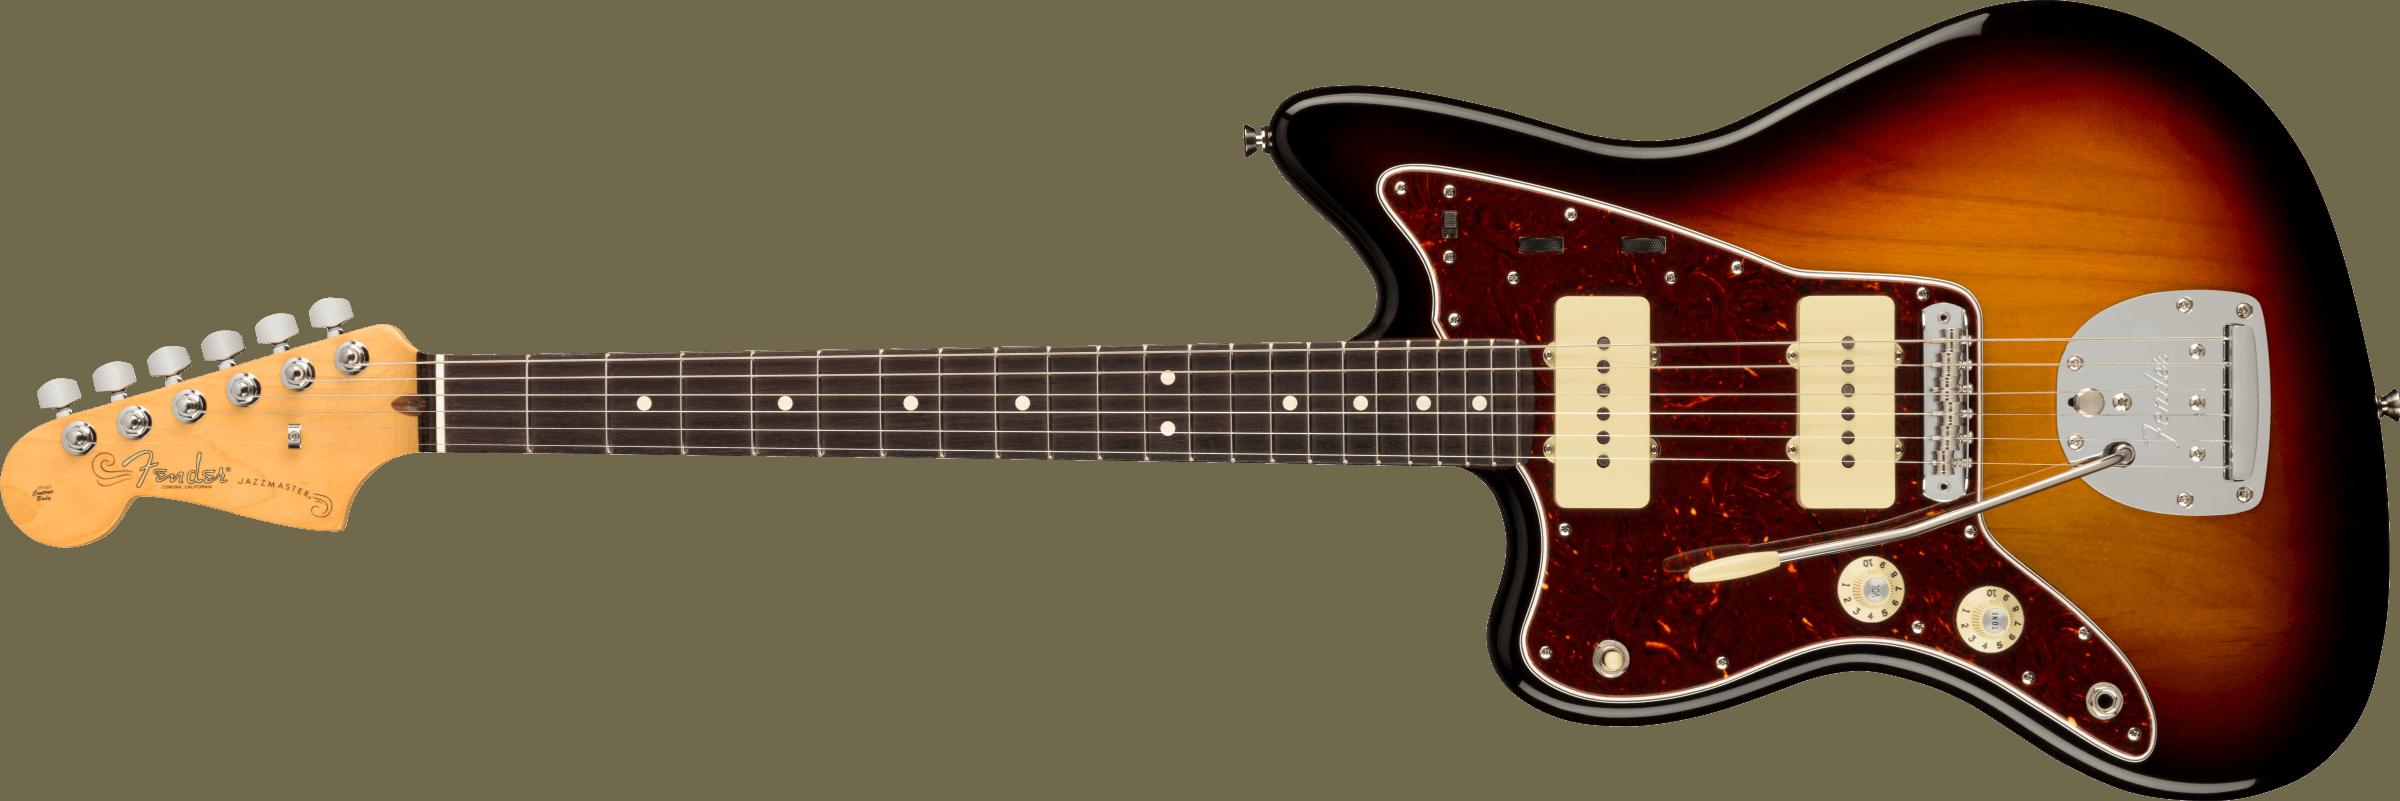 FENDER-American-Professional-II-Jazzmaster-Left-Hand-Rosewood-Fingerboard-3-Color-Sunburst-sku-571005285